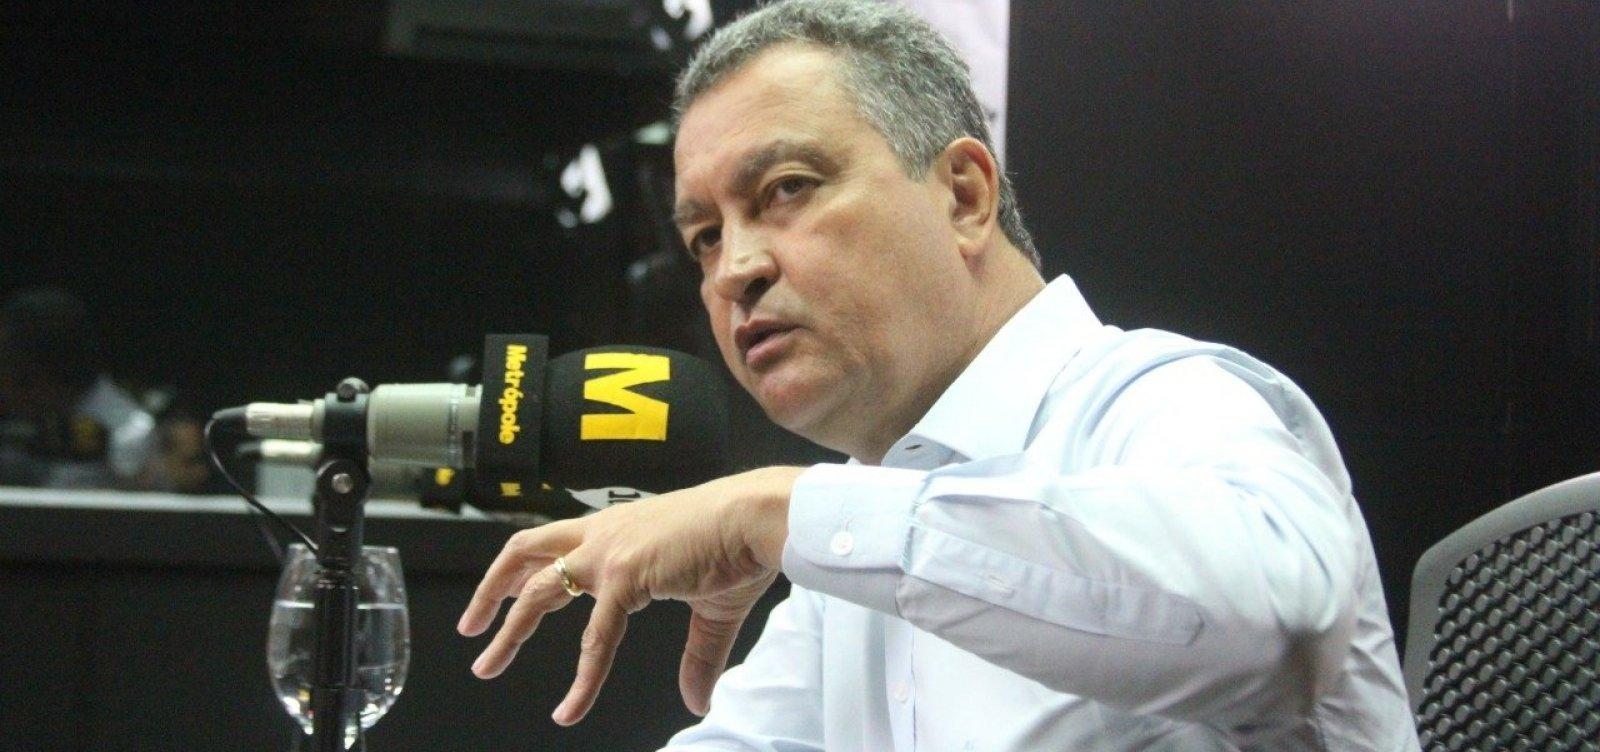 Rui diz que obras do VLT e do metrô devem gerar 10 mil empregos